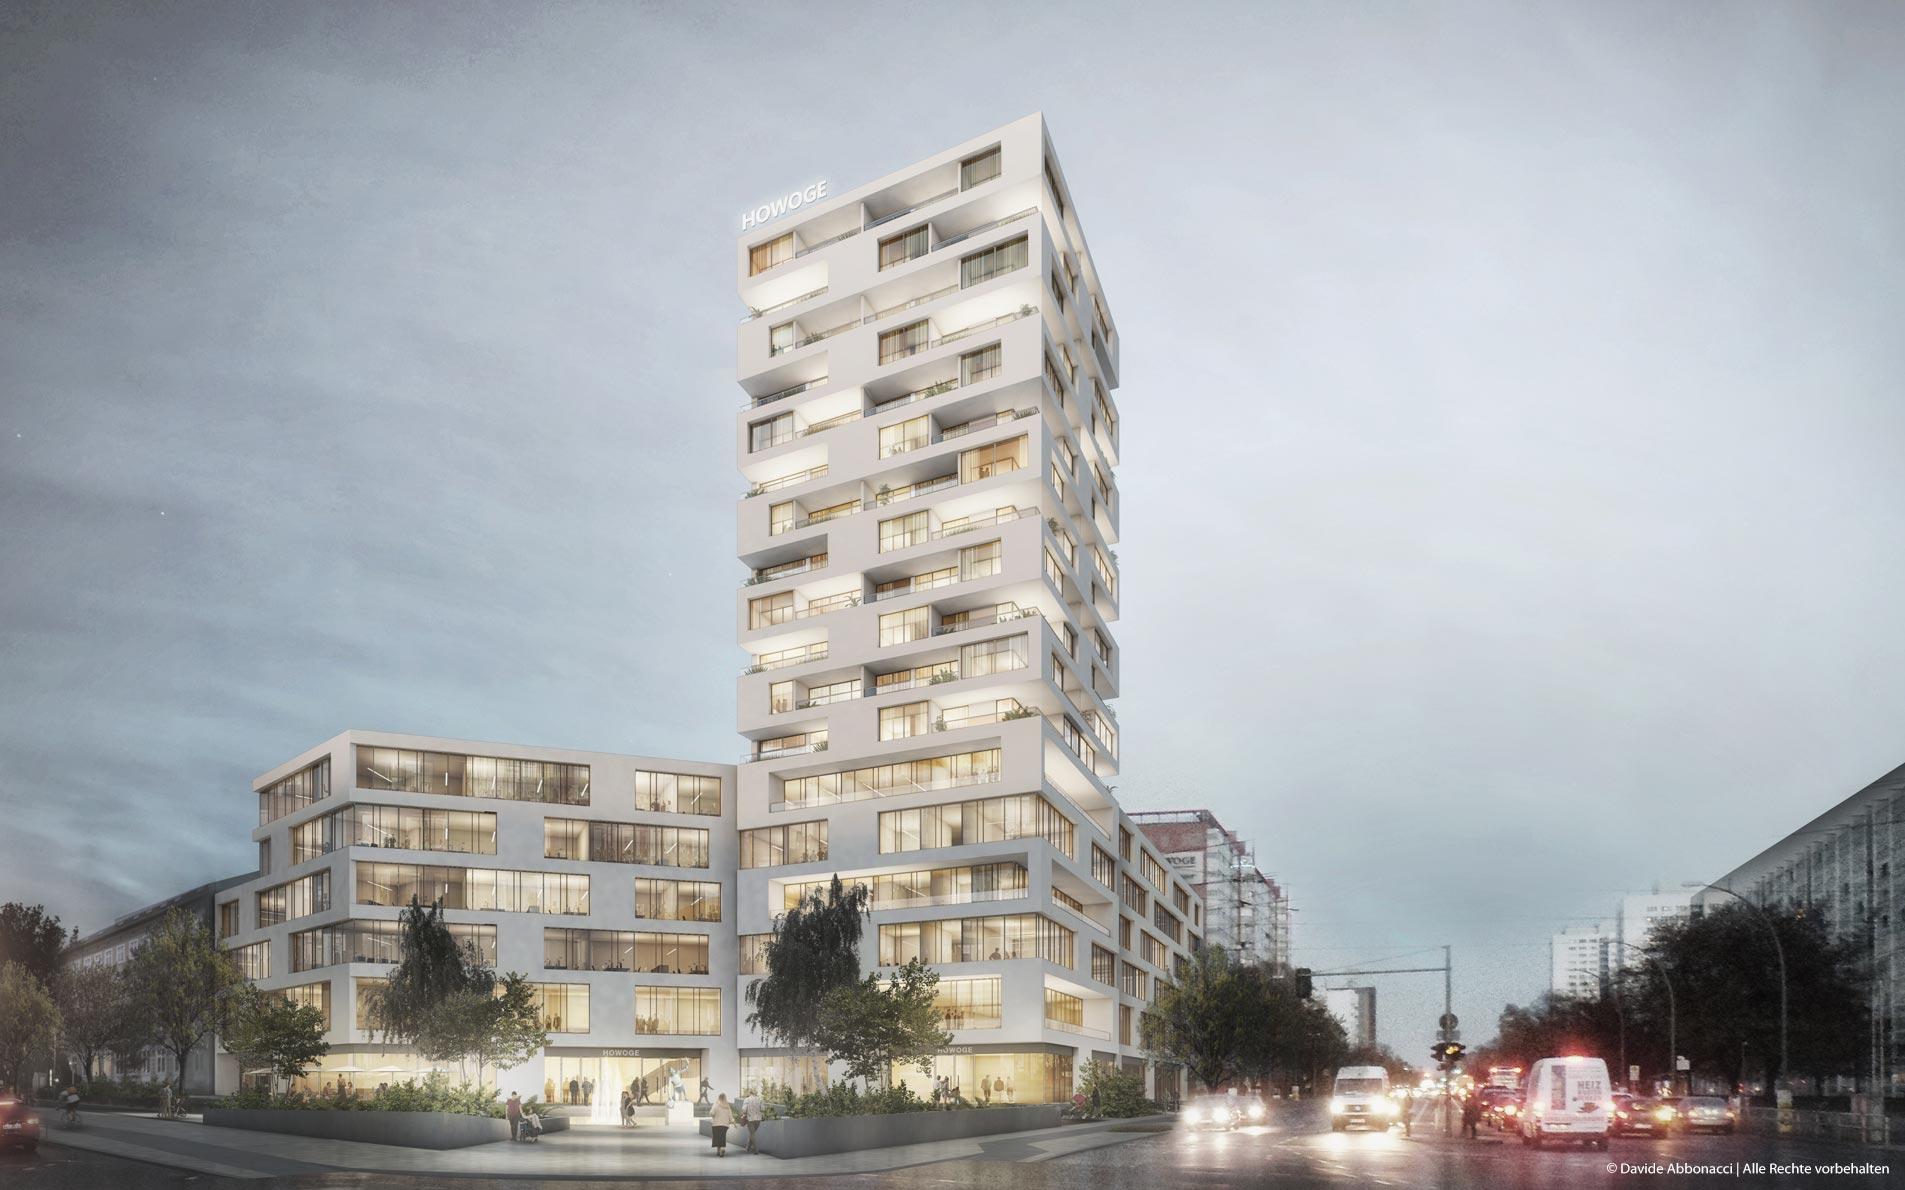 Frankfurter Allee 135, Berlin   Gewers Pudewill Architekten mit brh Architekten + Ingenieure   2017 Wettbewerbsvisualisierung